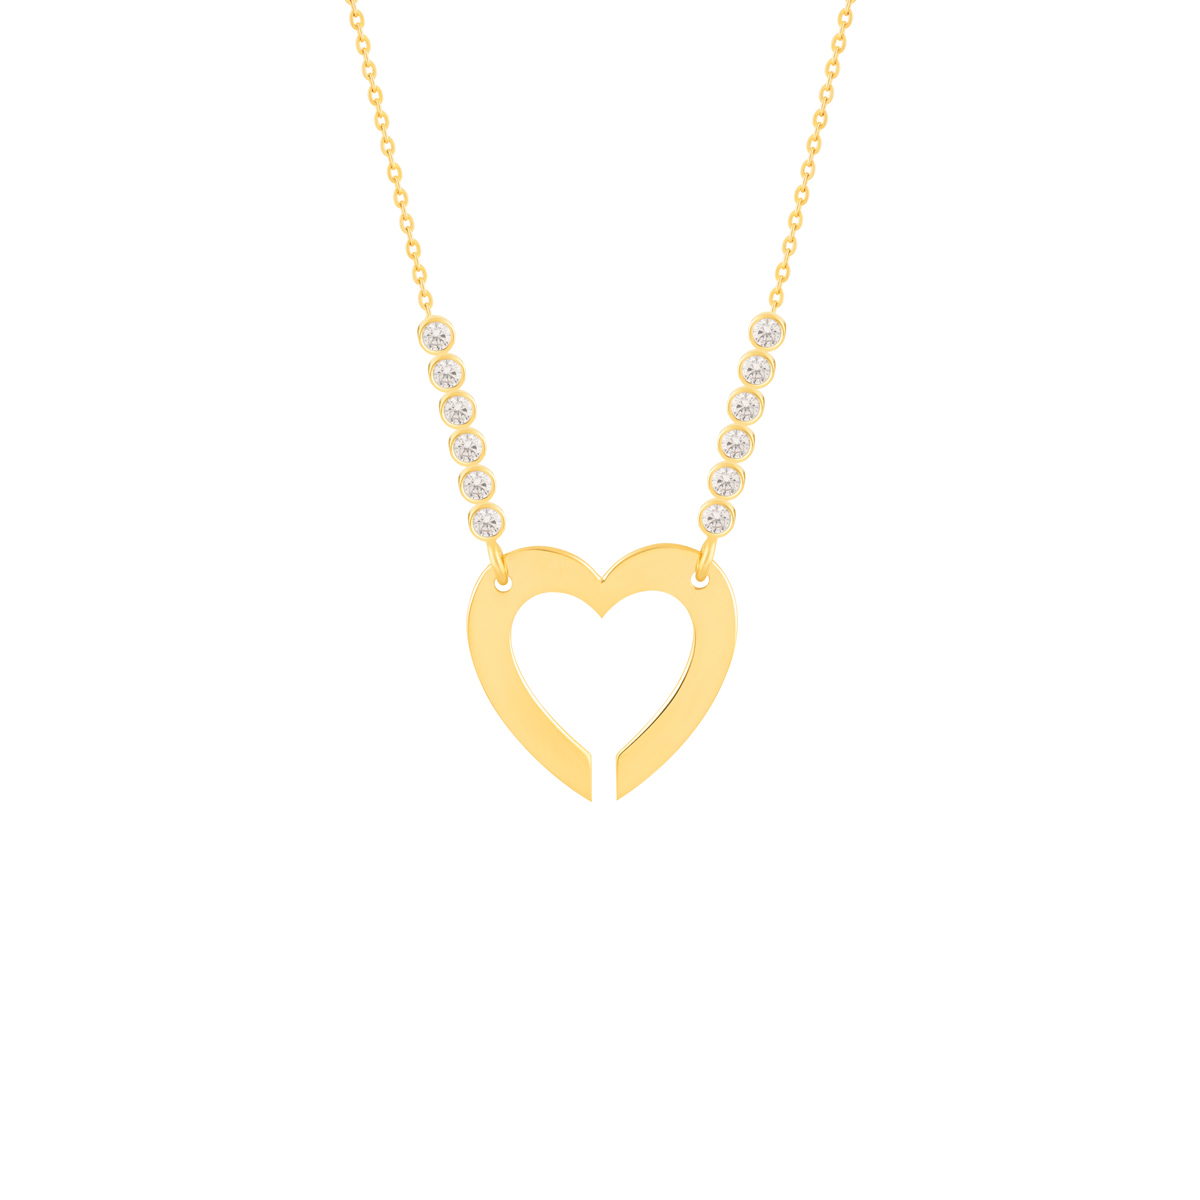 گردنبند طلا قلب توخالی و نگین لونا